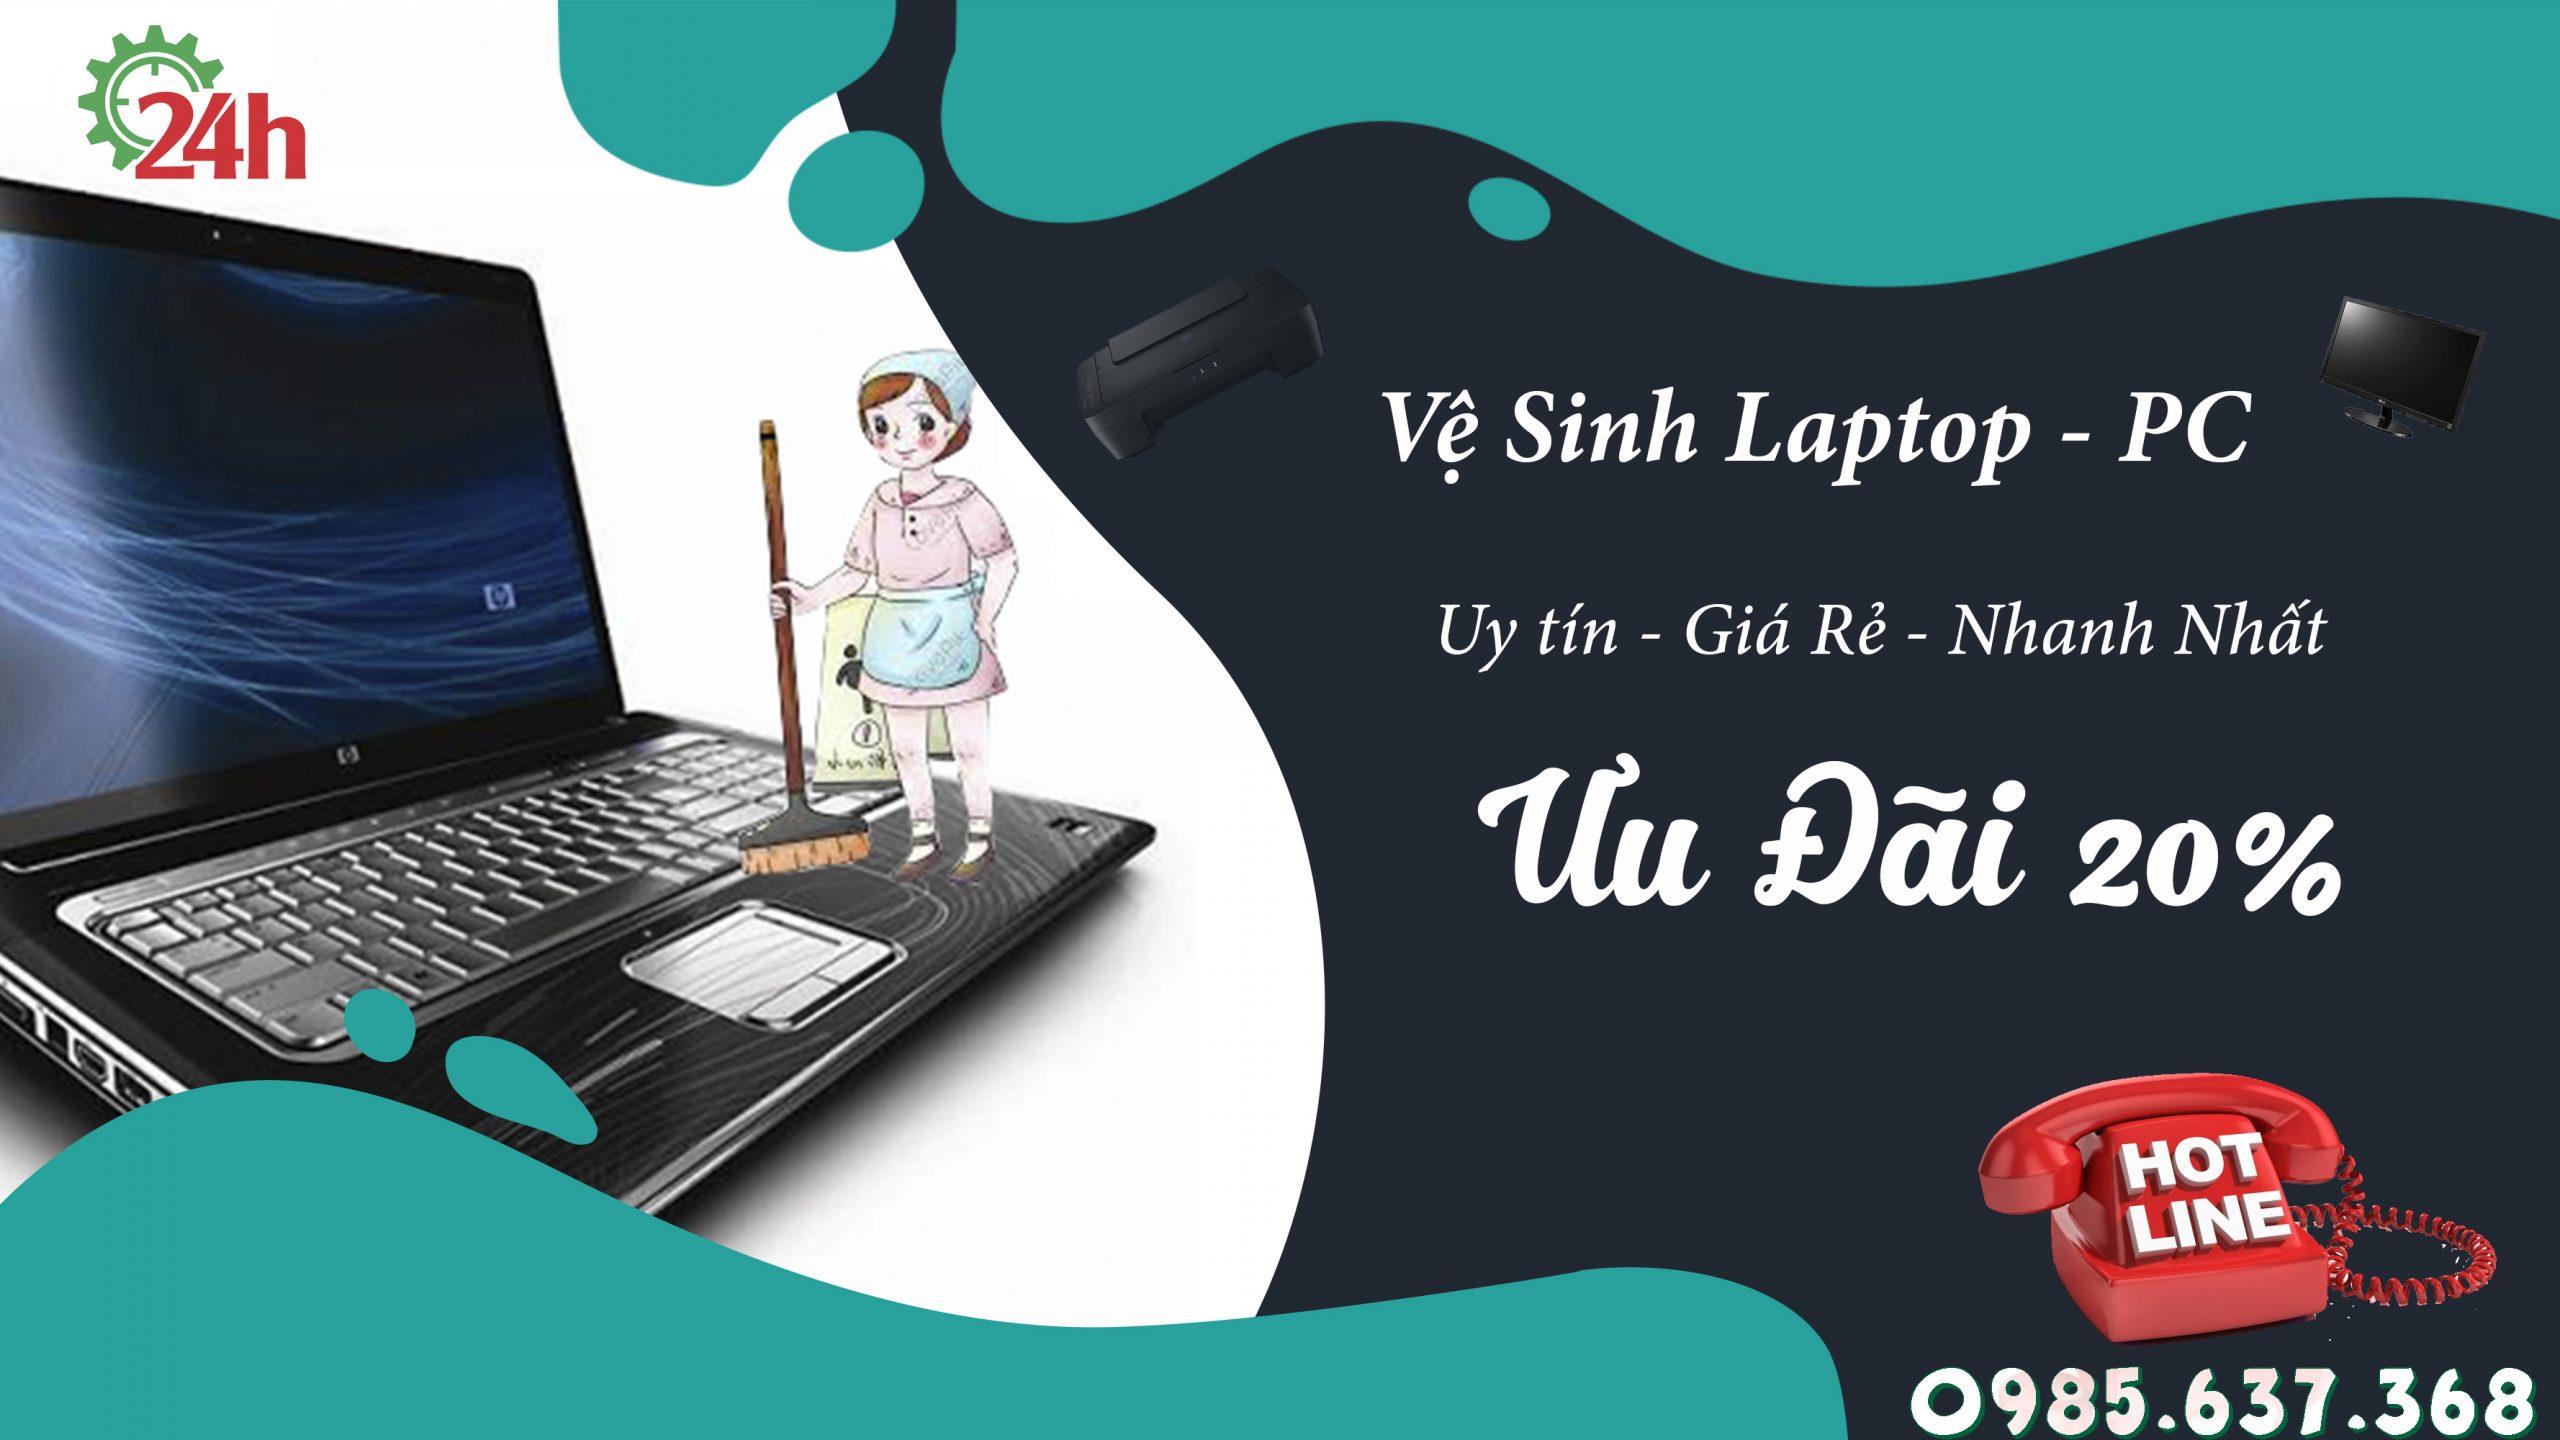 ve-sinh-laptop-pc